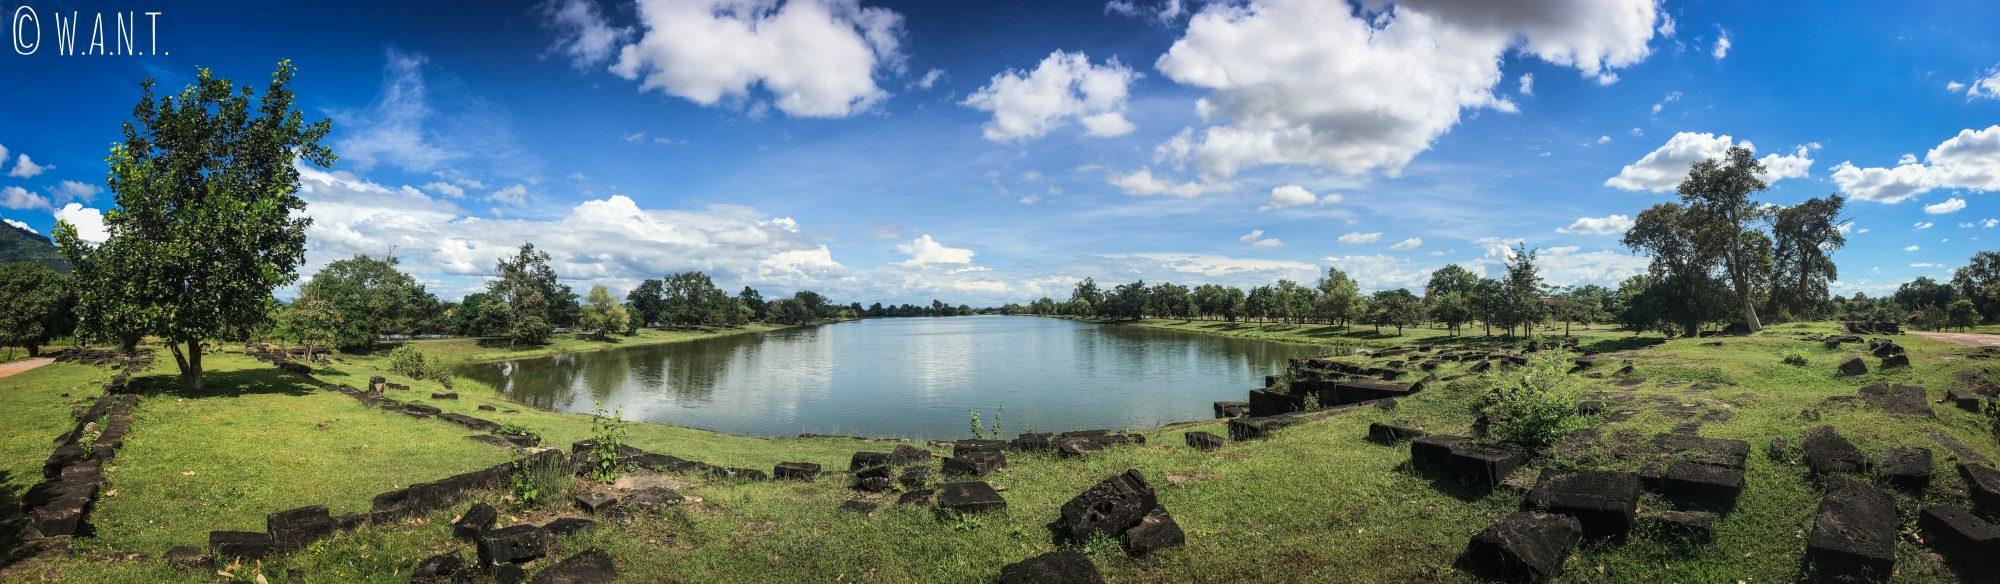 Panorama sur l'un des deux lacs artificiels du site de Vat Phou